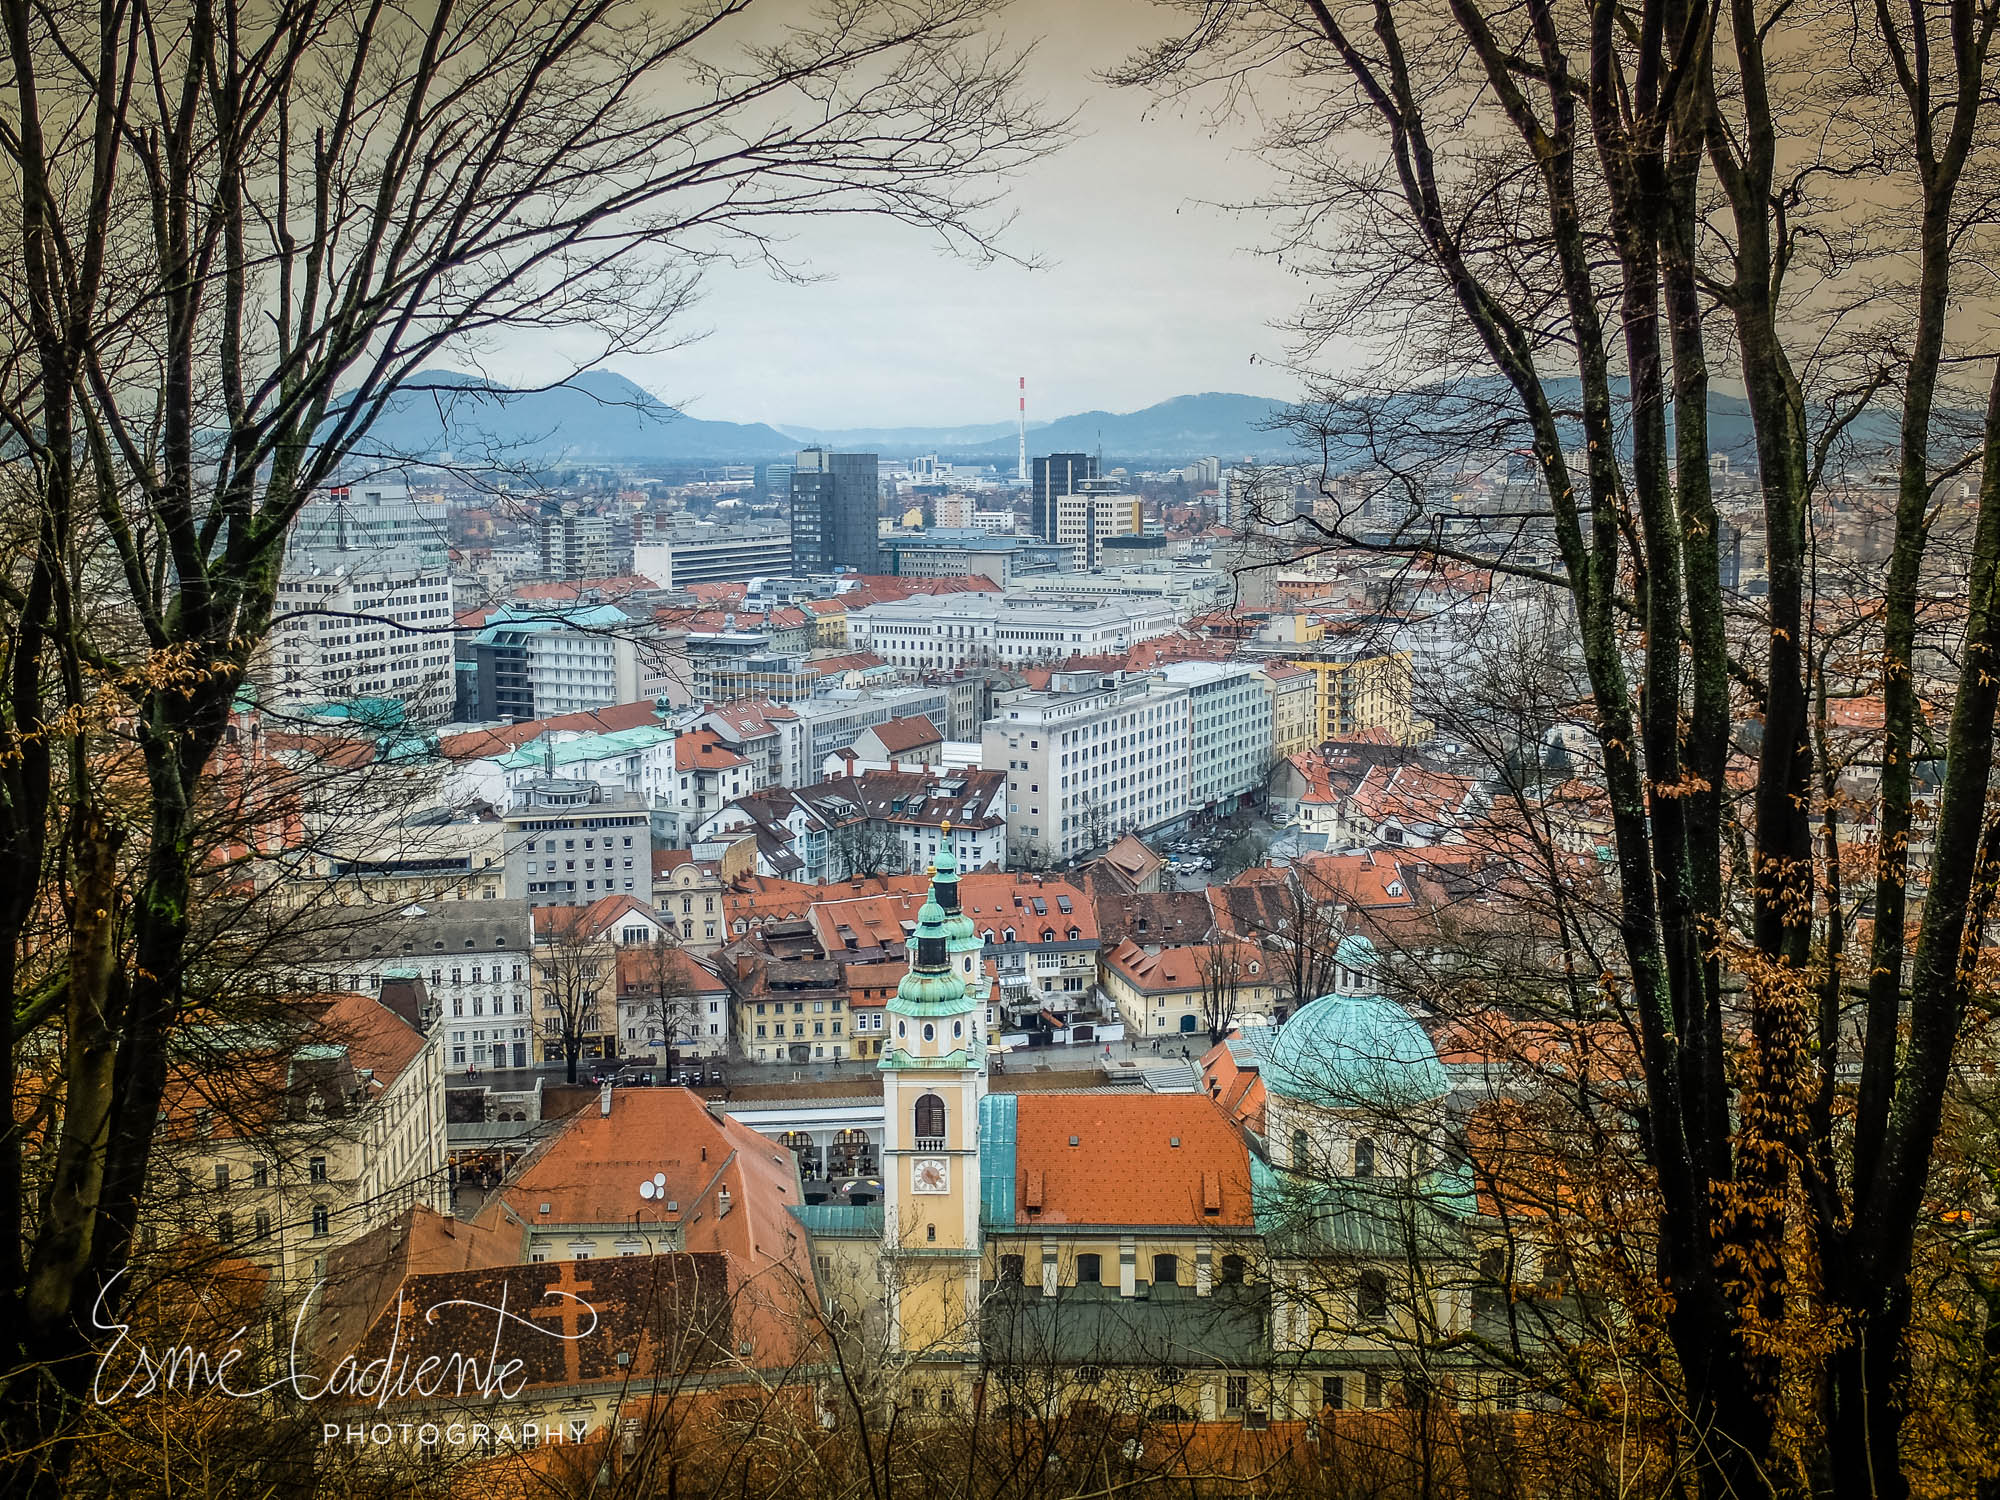 A view of Ljublijana